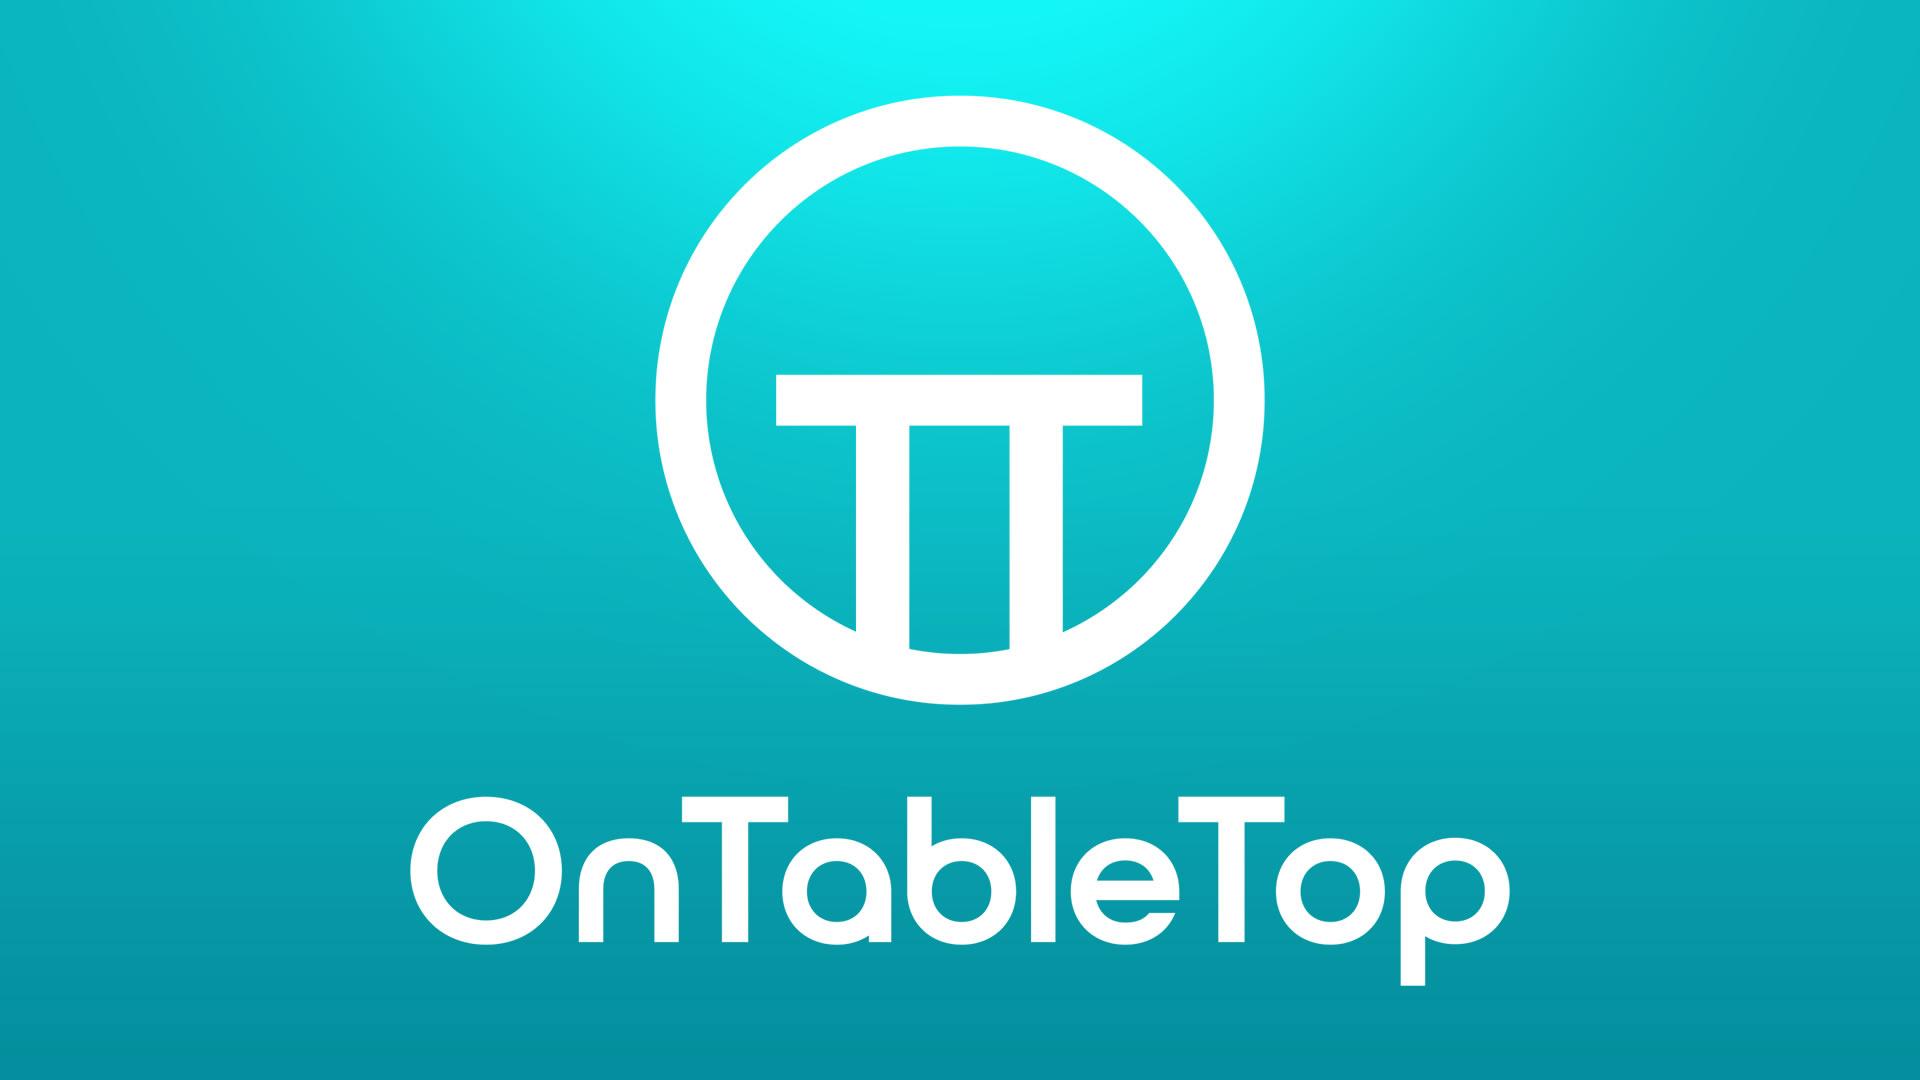 OnTableTop-Cover-Logo.jpg